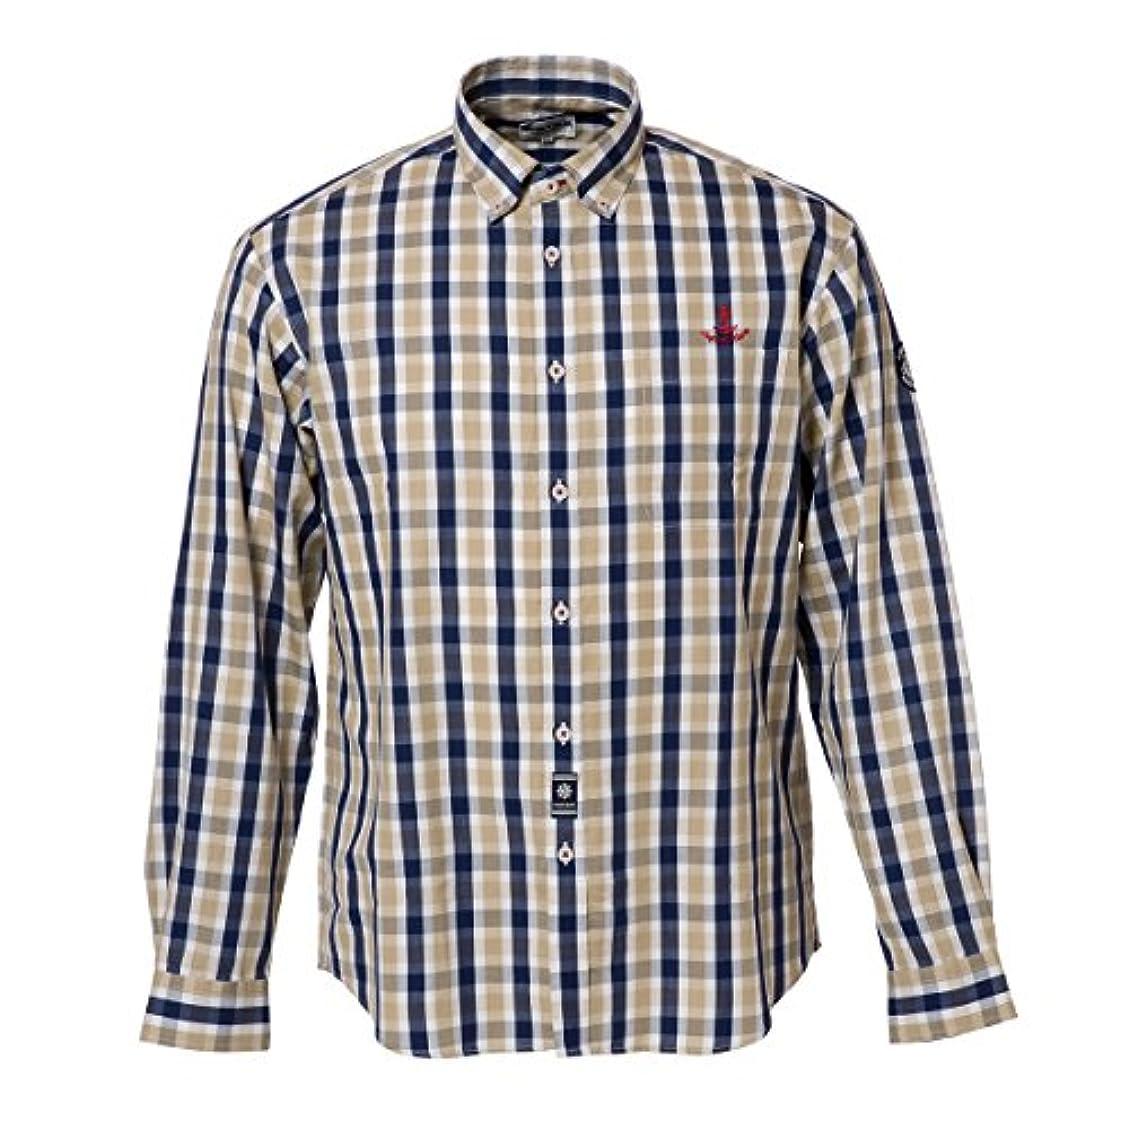 純粋な足枷手がかり(シナコバ) SINA COVA 18134030 ボタンダウンシャツ ネイビー系 Mサイズ